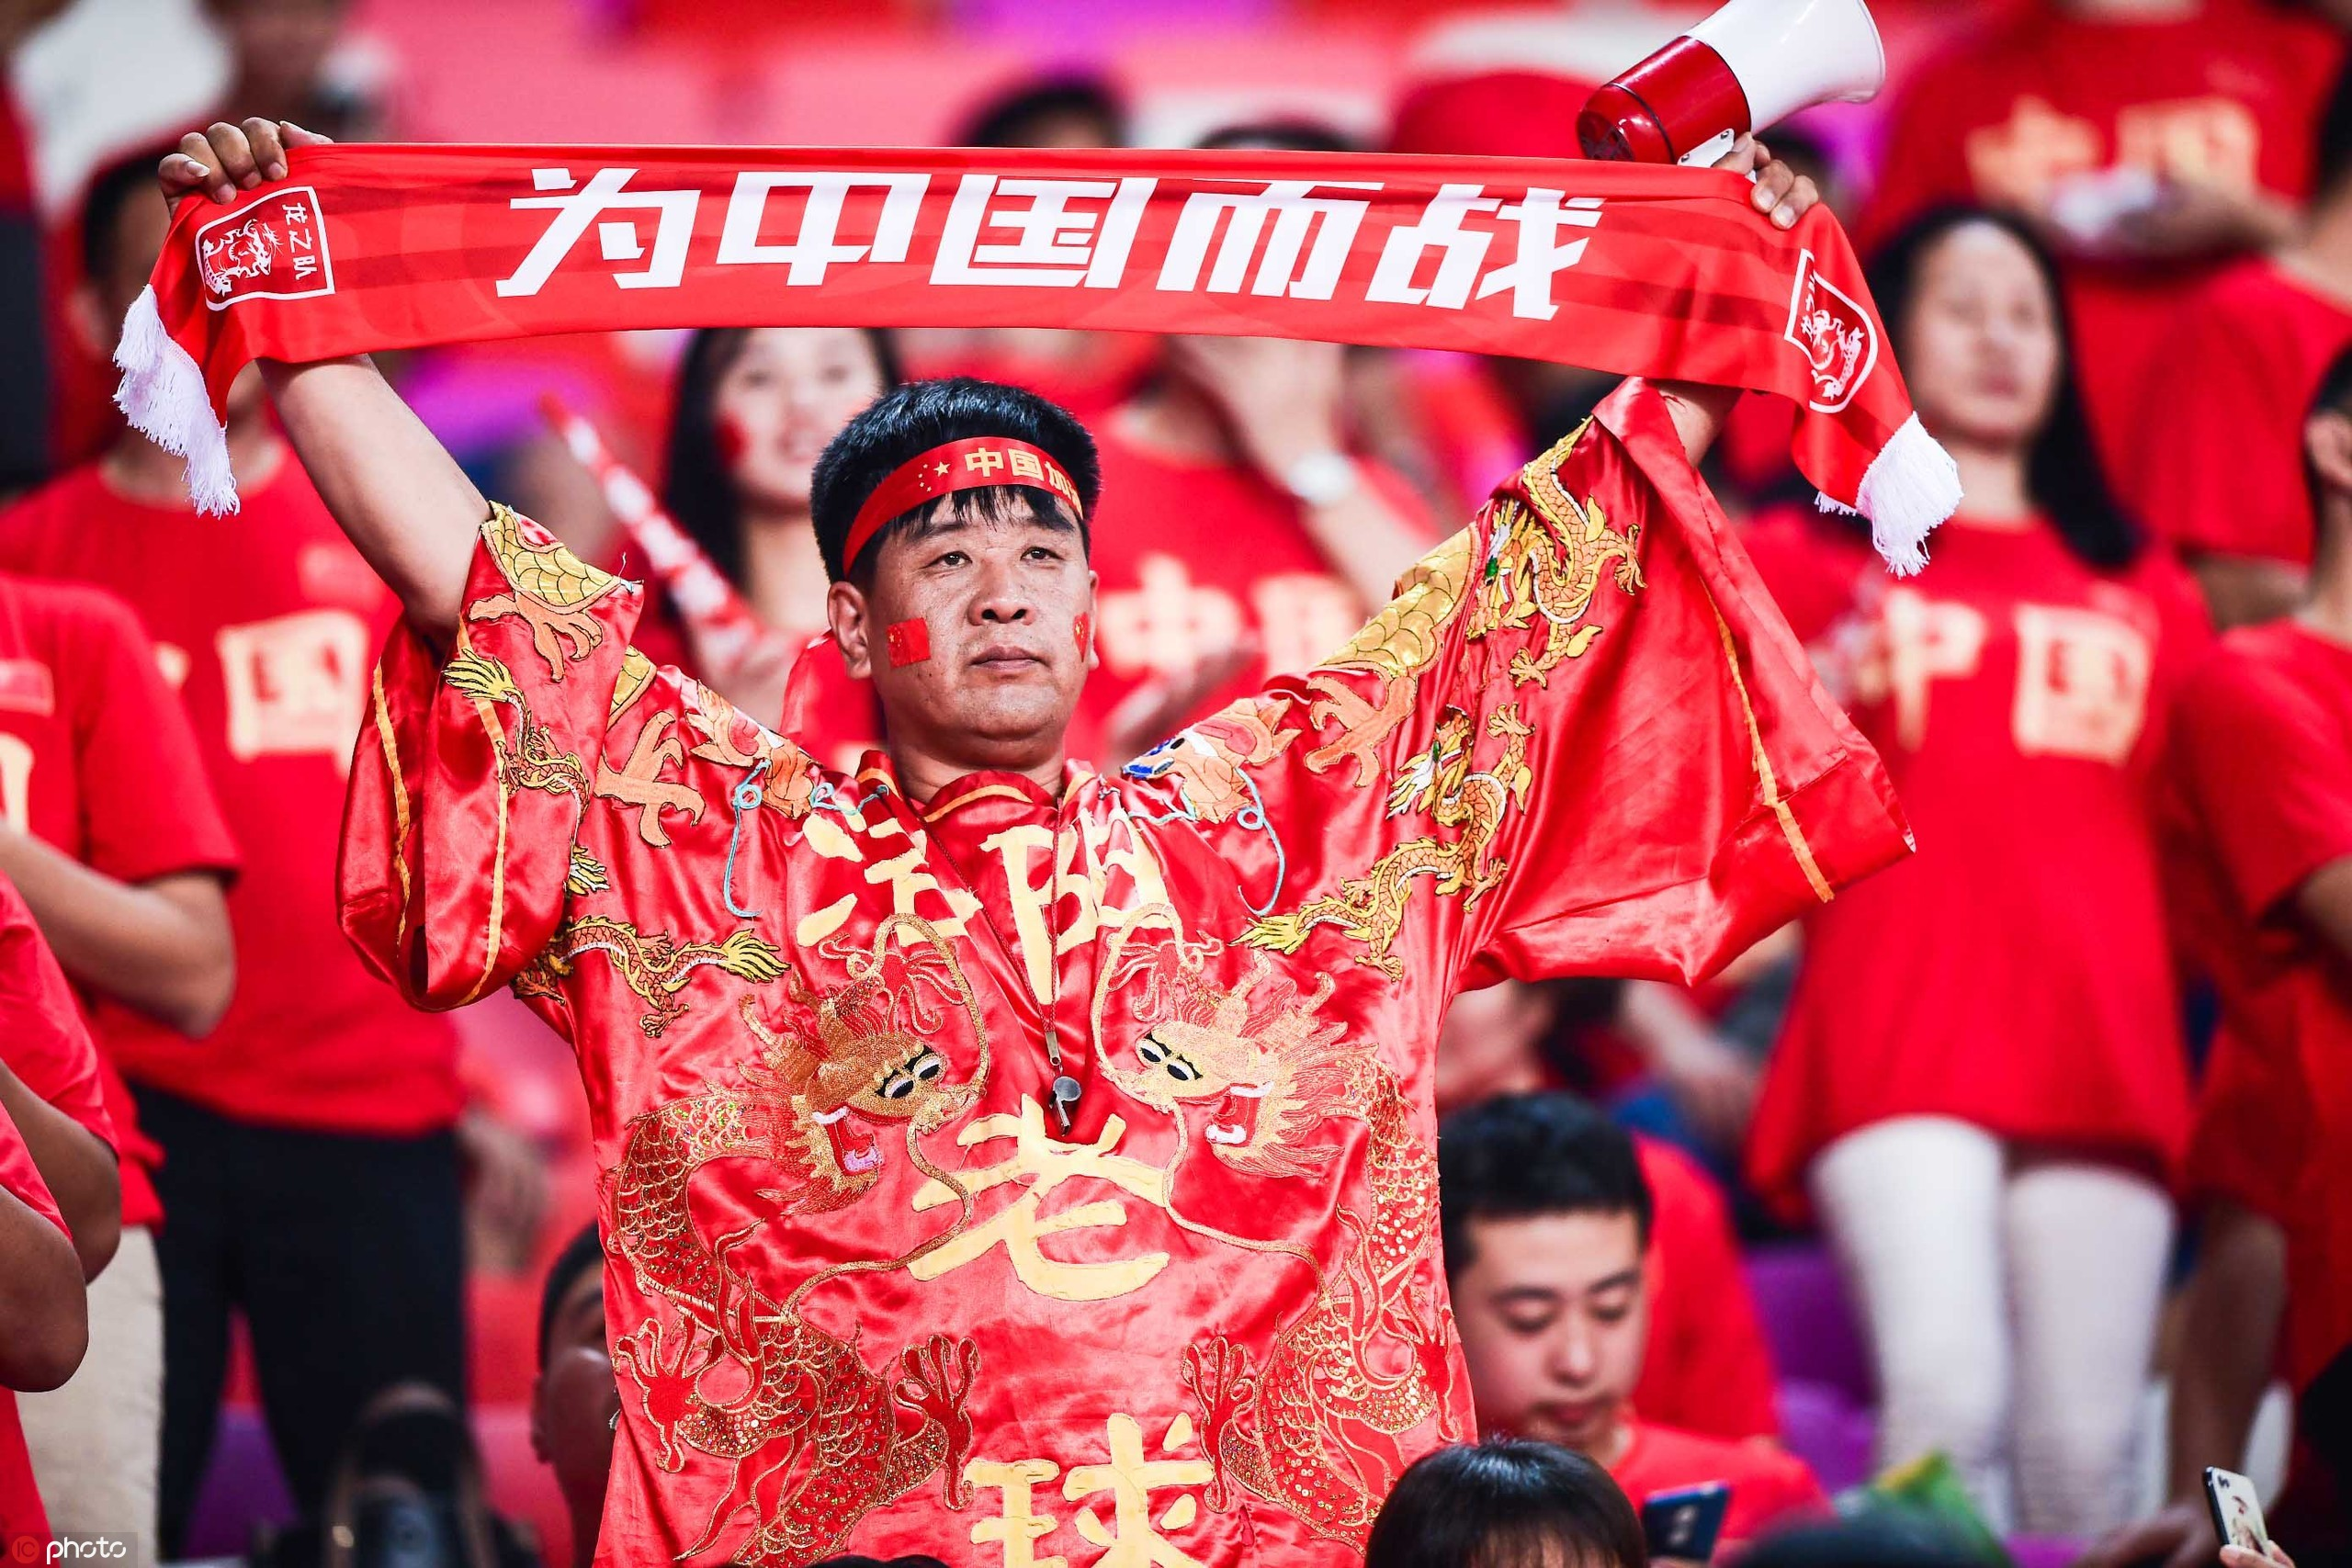 多图流:同袍一心!天河体育场变成红色海洋